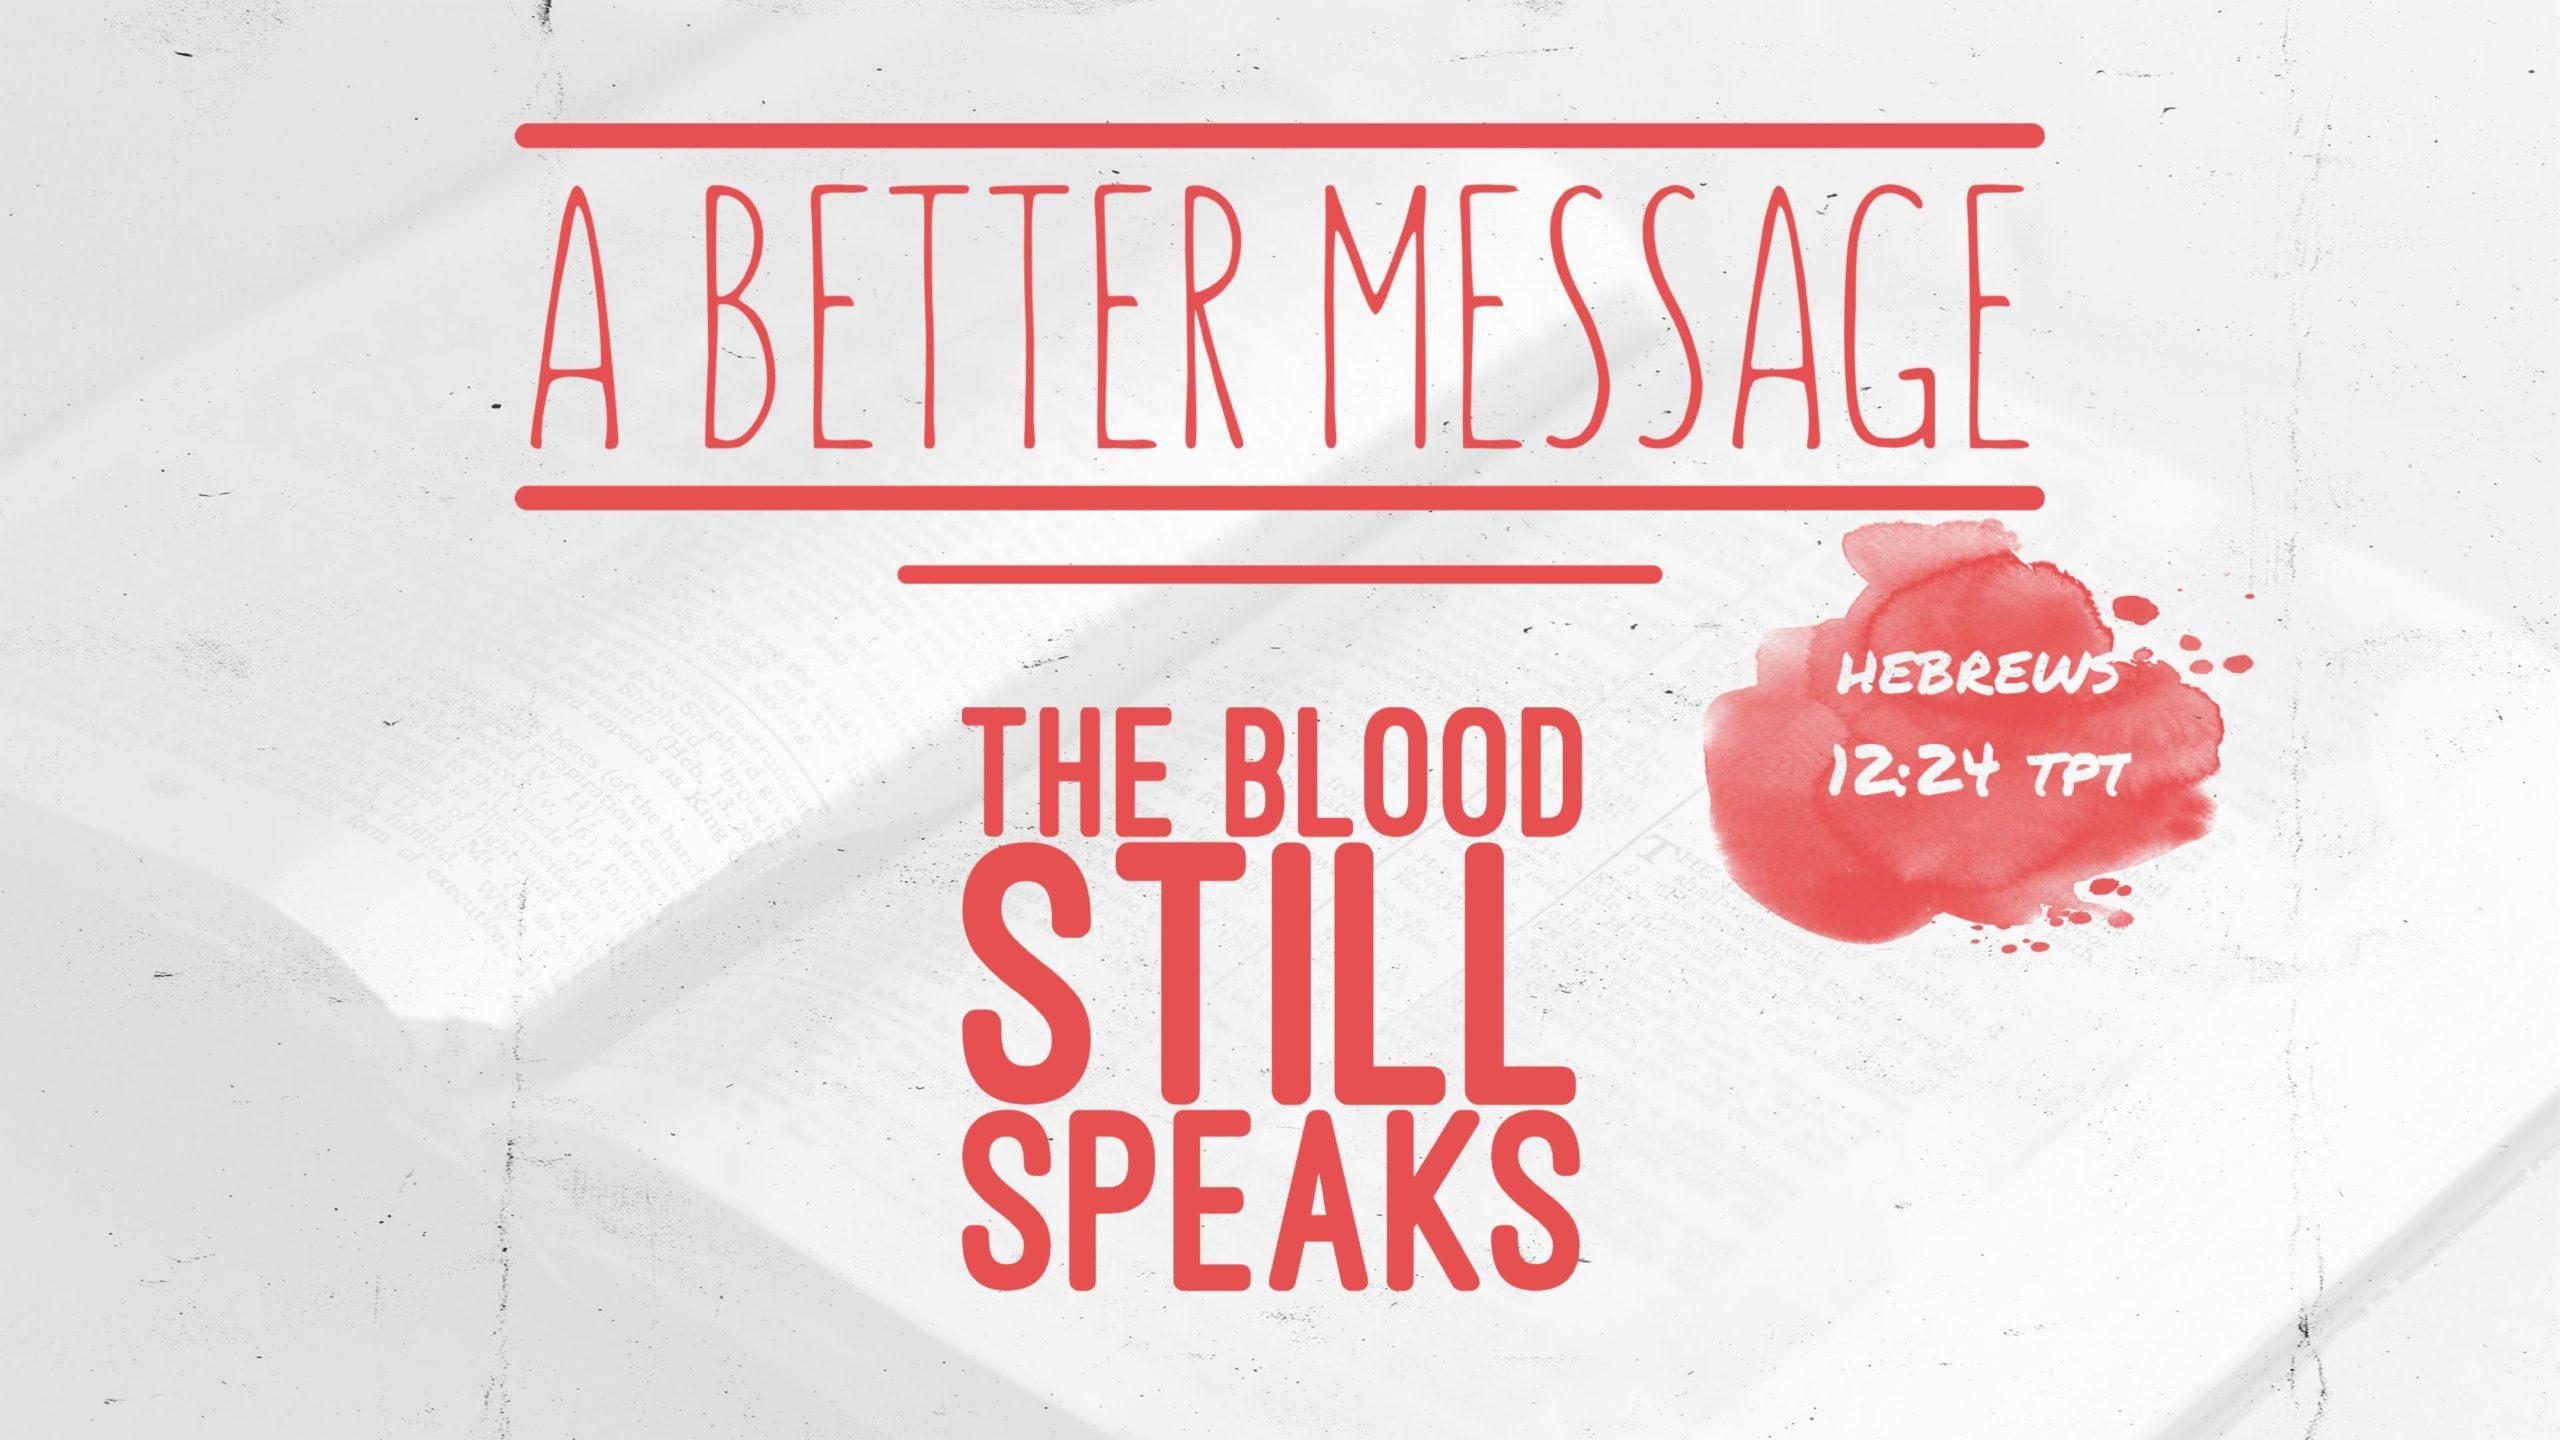 Sept 6: A Better Message: The Blood Still Speaks, Pt. 3